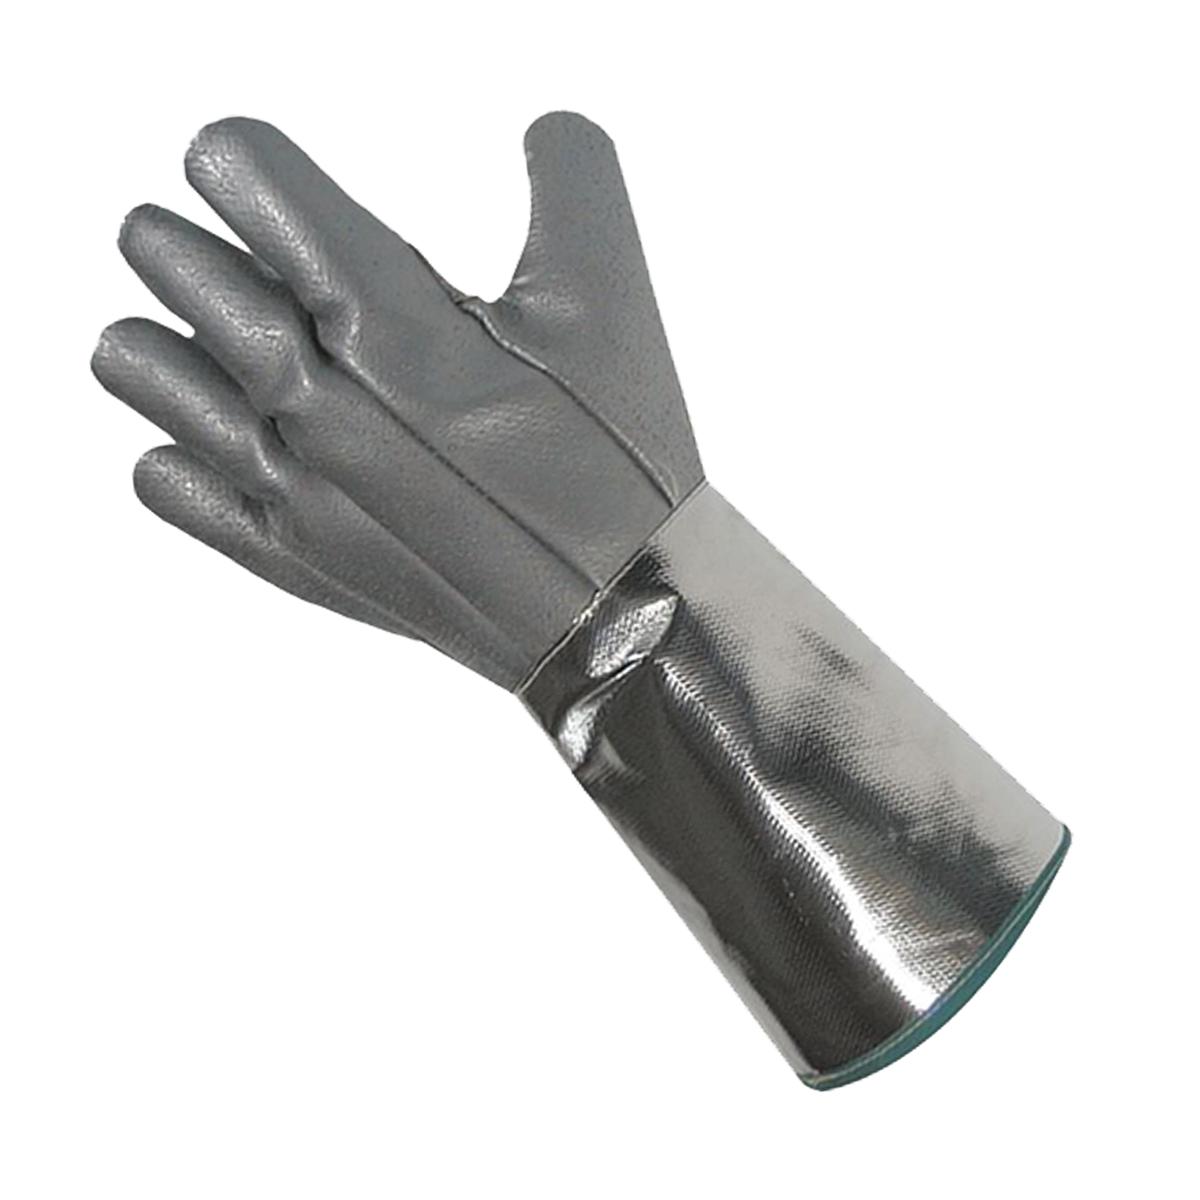 gietgereedschap-hittebestendige-handschoen